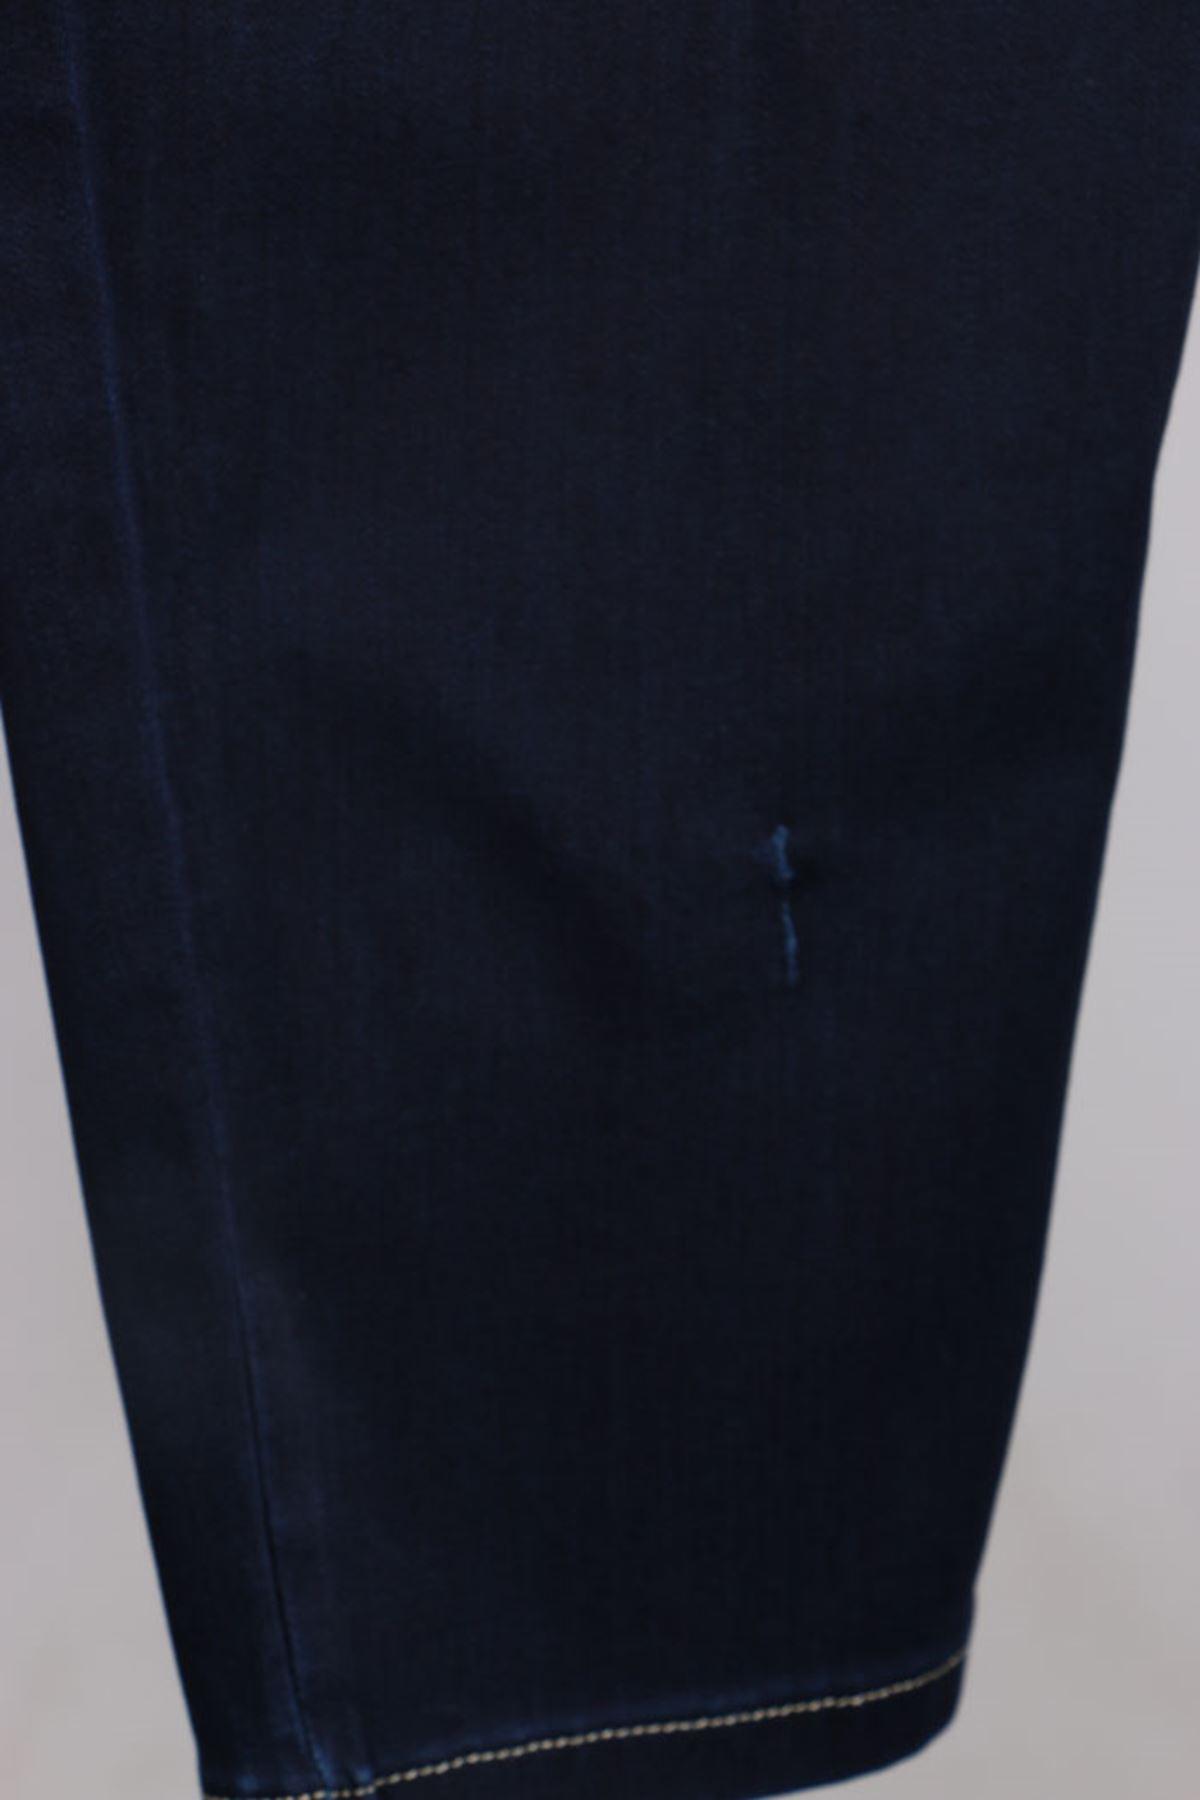 D-9144 Büyük Beden Defolu Beli Lastikli Dar Paça Kot Pantolon - Koyu Lacivert